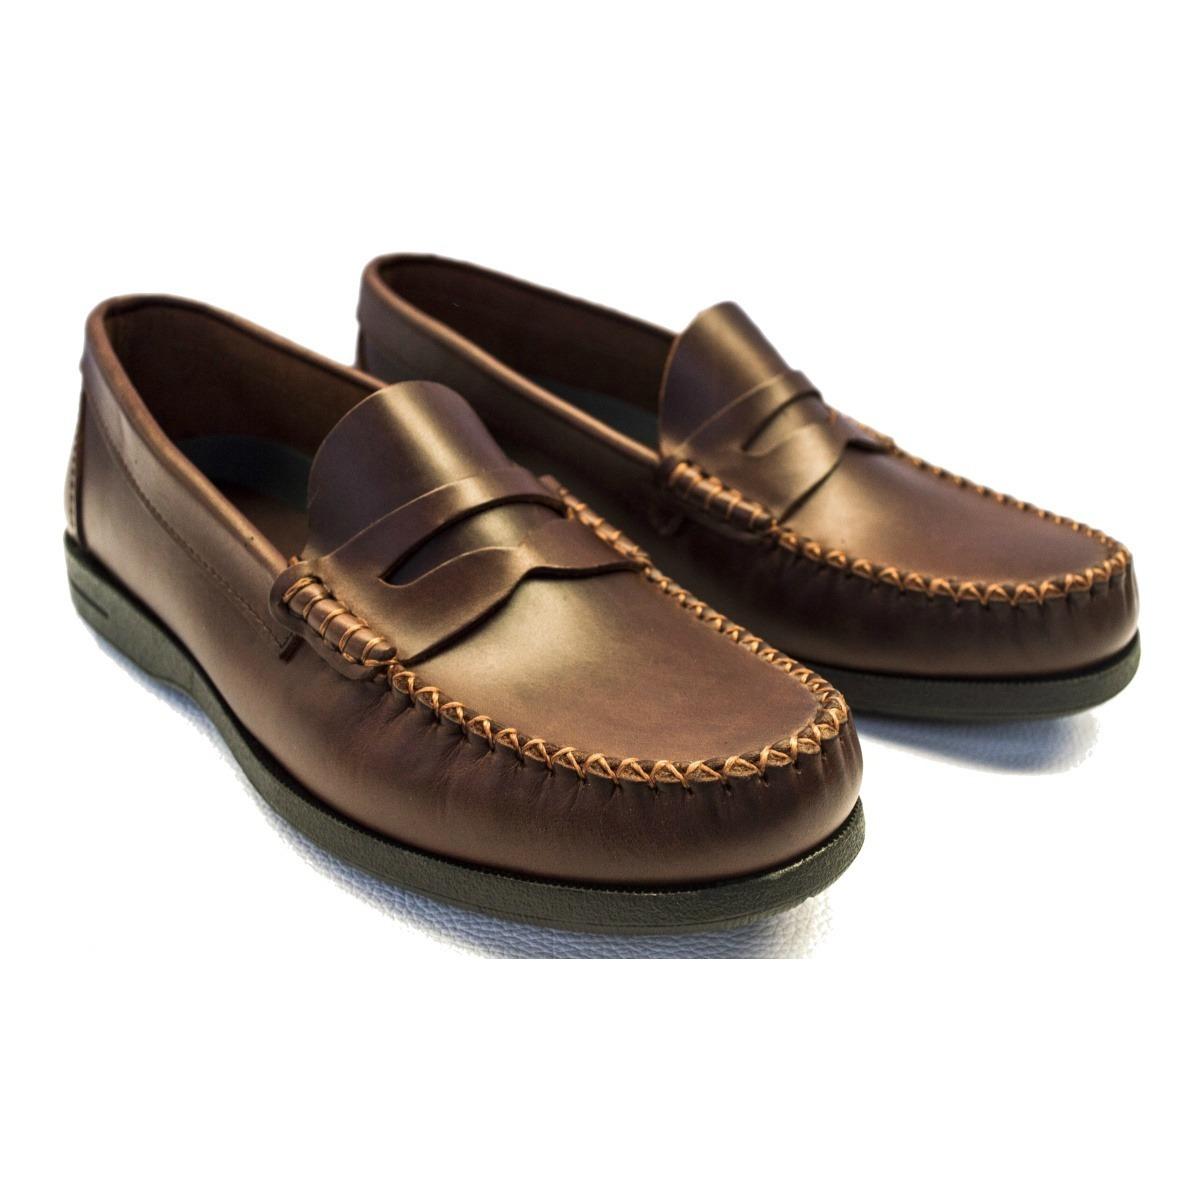 35701fdf mocasin clasico hombre cuero vacuno de vestir zapato calzado. Cargando zoom.